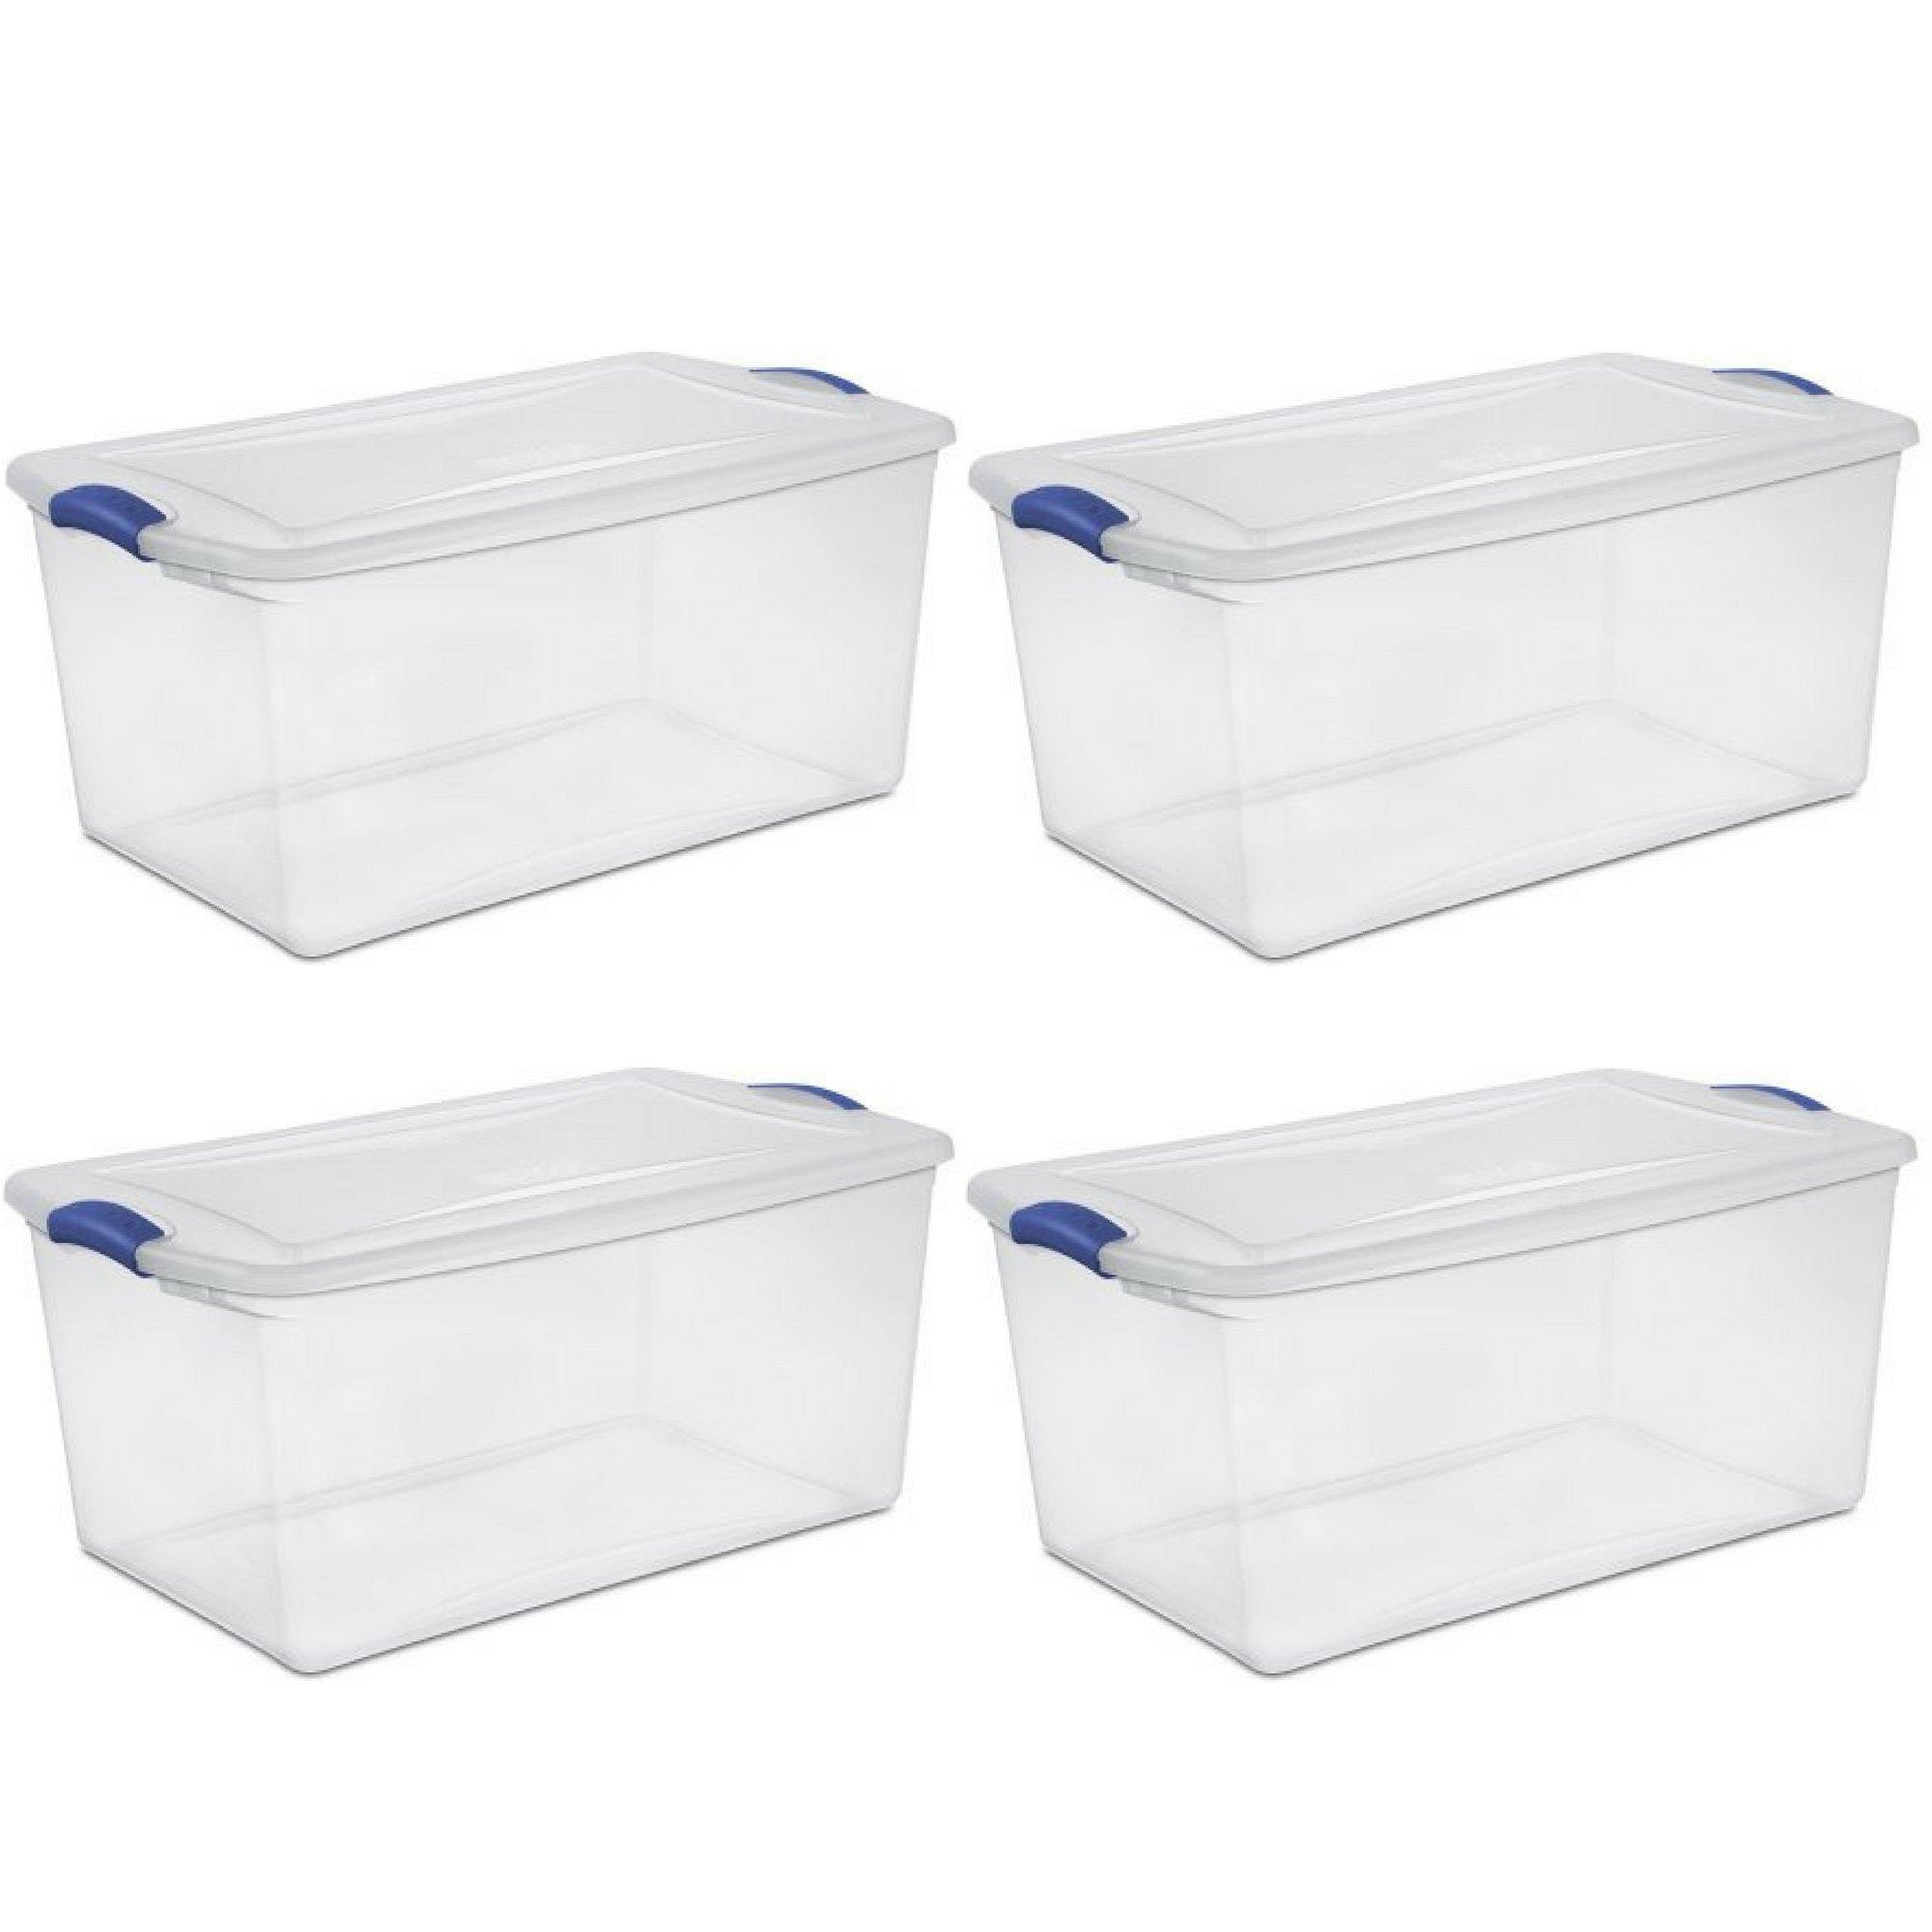 Sterilite 105 Qt./99 L Latch Box, Stadium Blue - 4 Pack